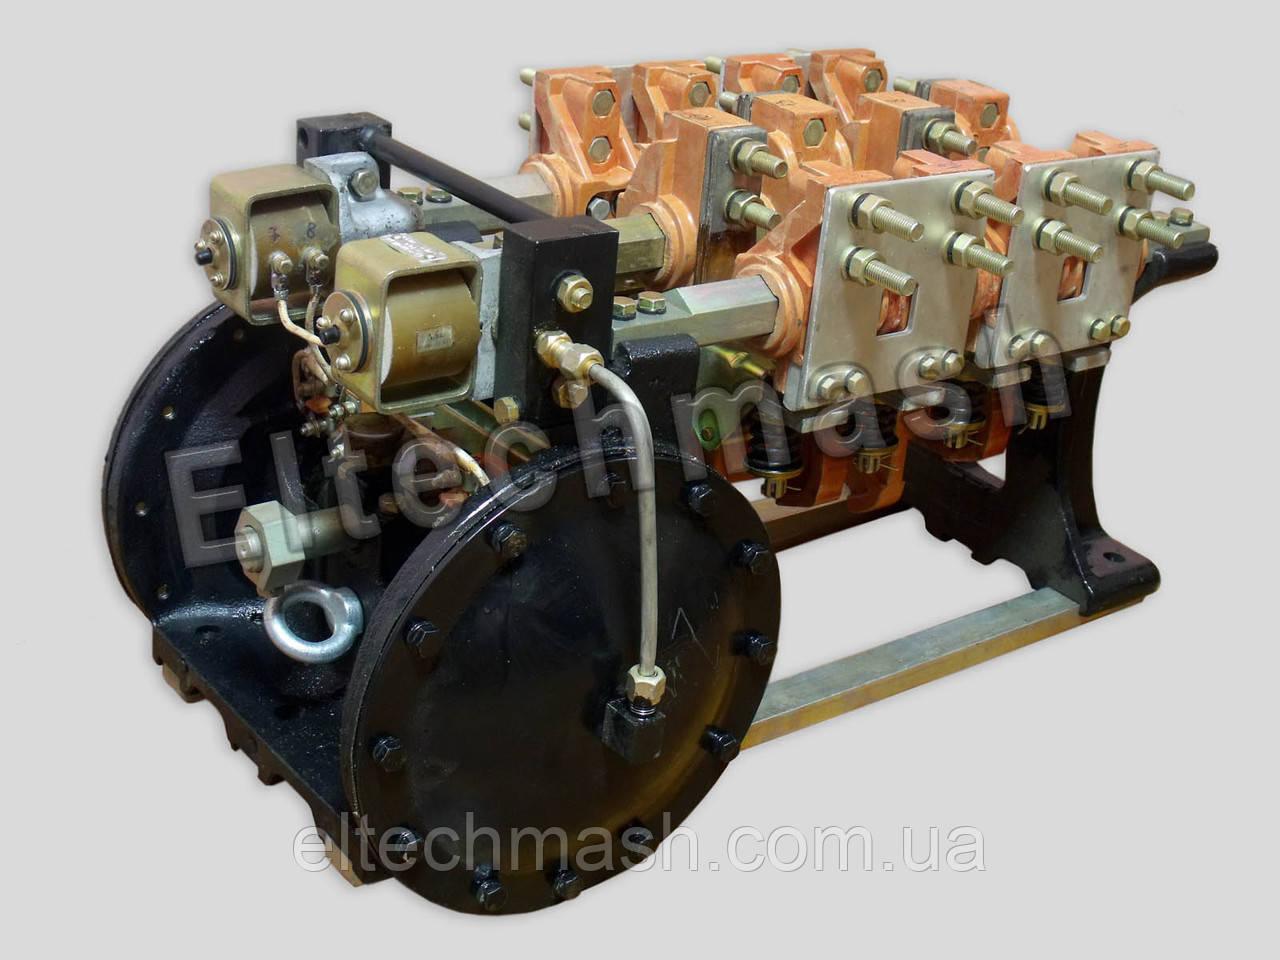 ППК-8023 (75В), Переключатель электропневматический (2ТХ.643.000.38, ИАКВ.642734.001-38)